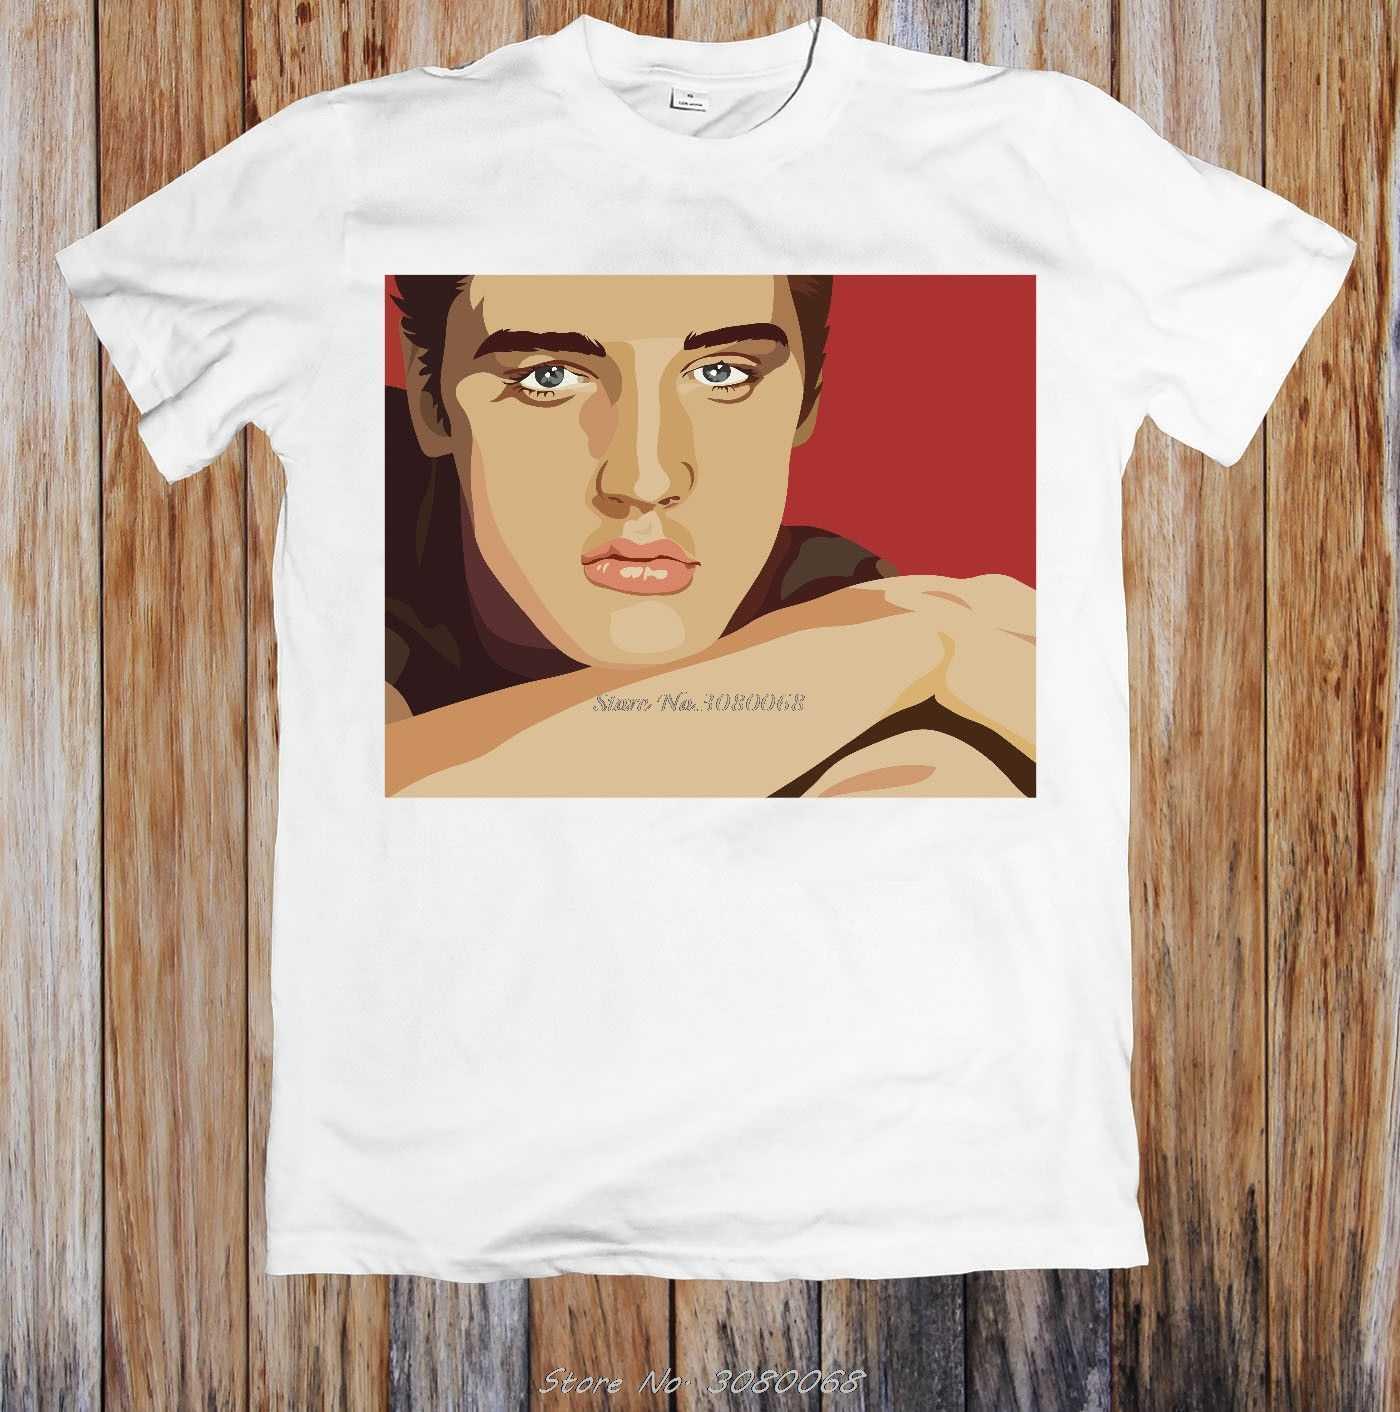 Camiseta Unisex con retrato de Elvis Presley, camiseta de orgullo para hombre, camiseta negra blanca, traje, sombrero, camiseta rosa, Camiseta clásica Retro